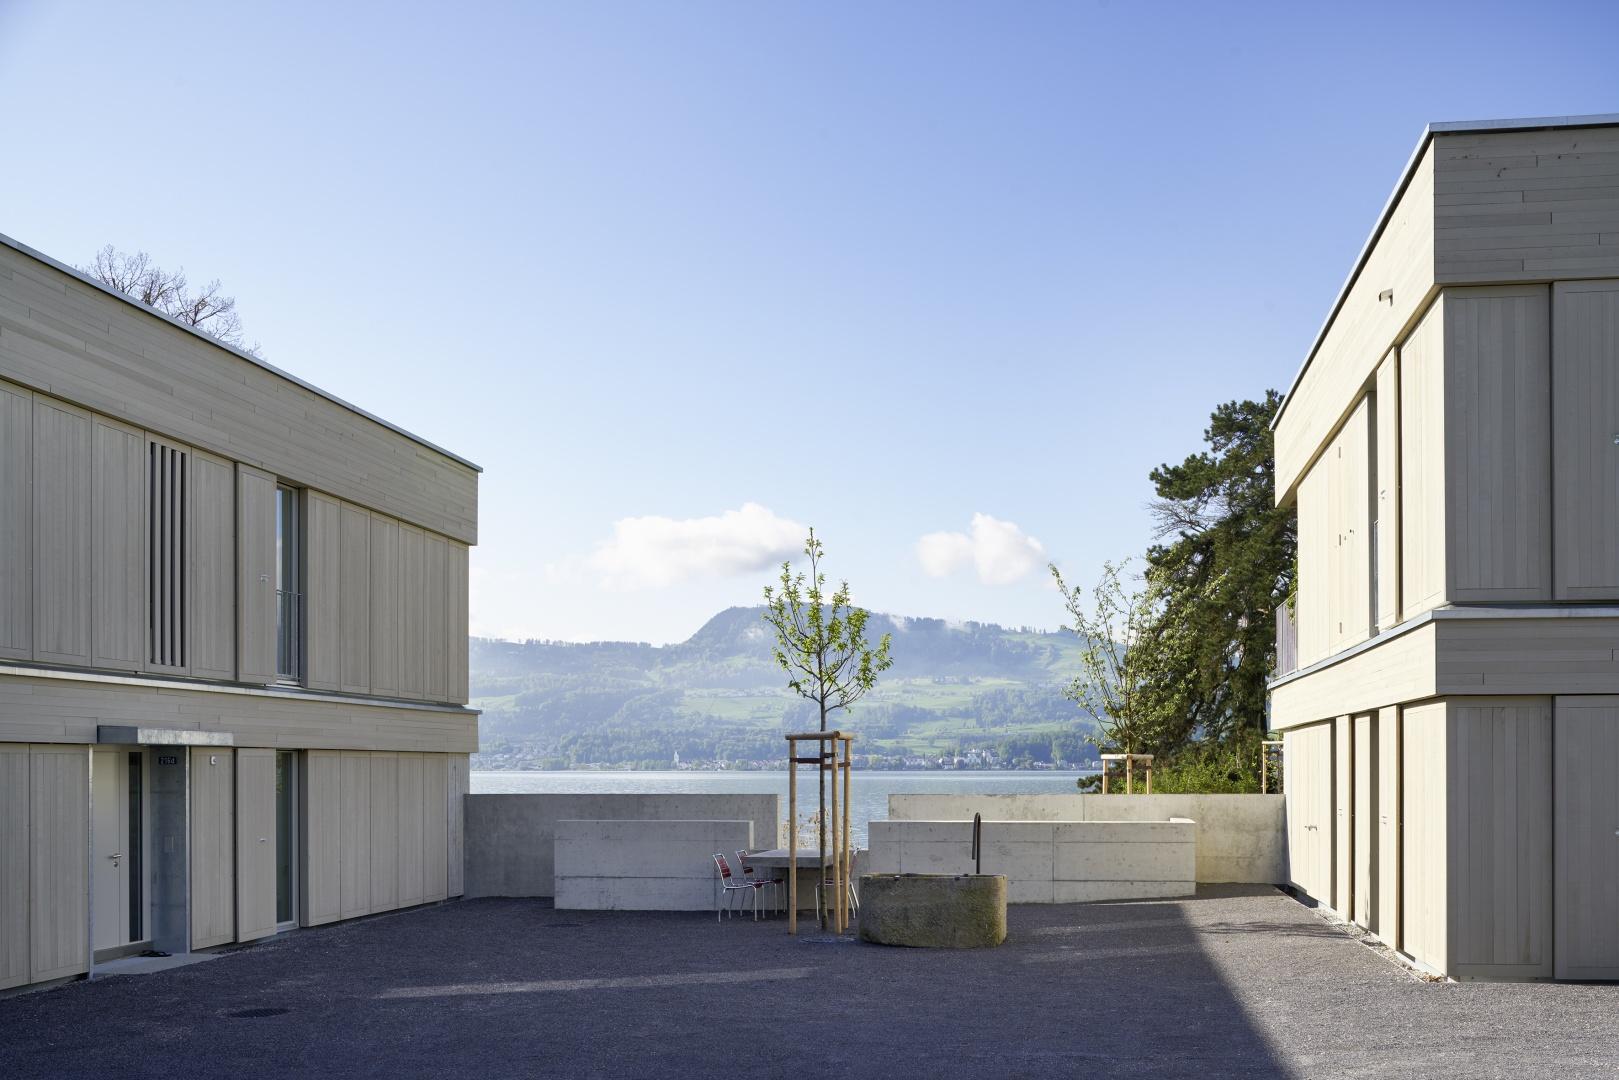 Hof mit Tisch, Baum, Brunnen © Schindler Friede, Foto H. Henz